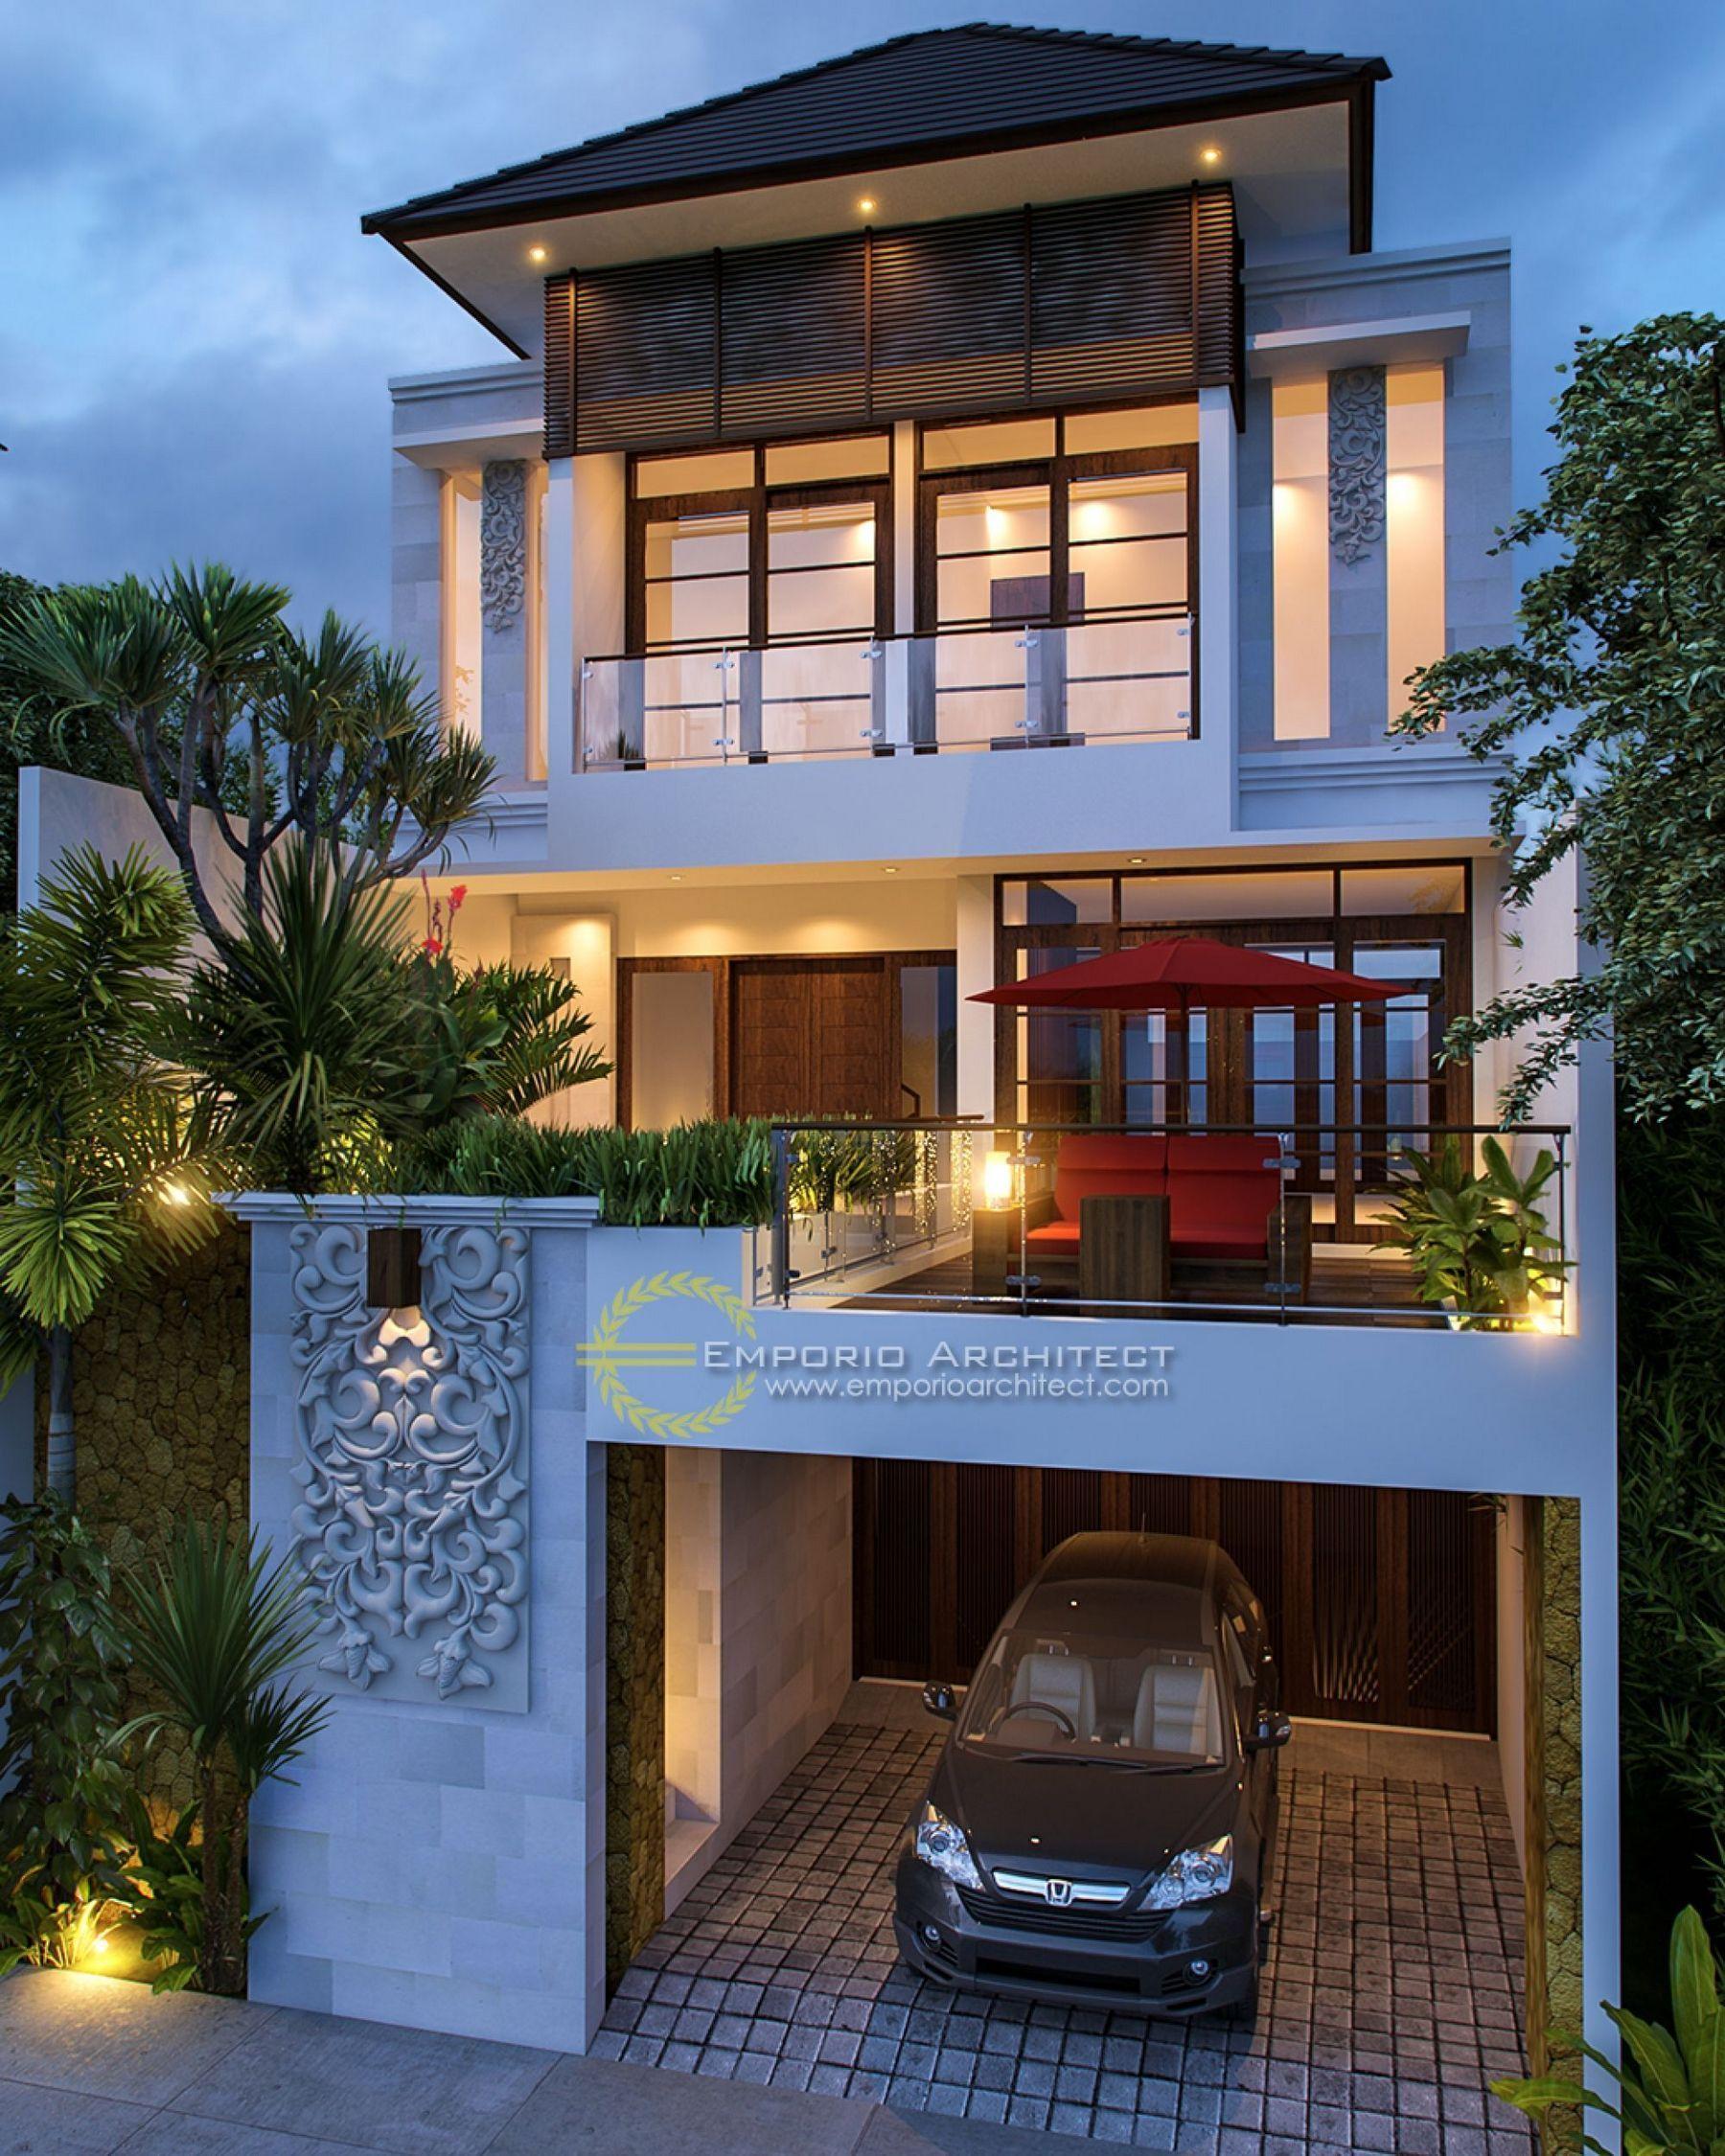 30 Best Modern Home Architectural Styles And Designs Desain Rumah Arsitektur Rumah Rumah Kontemporer